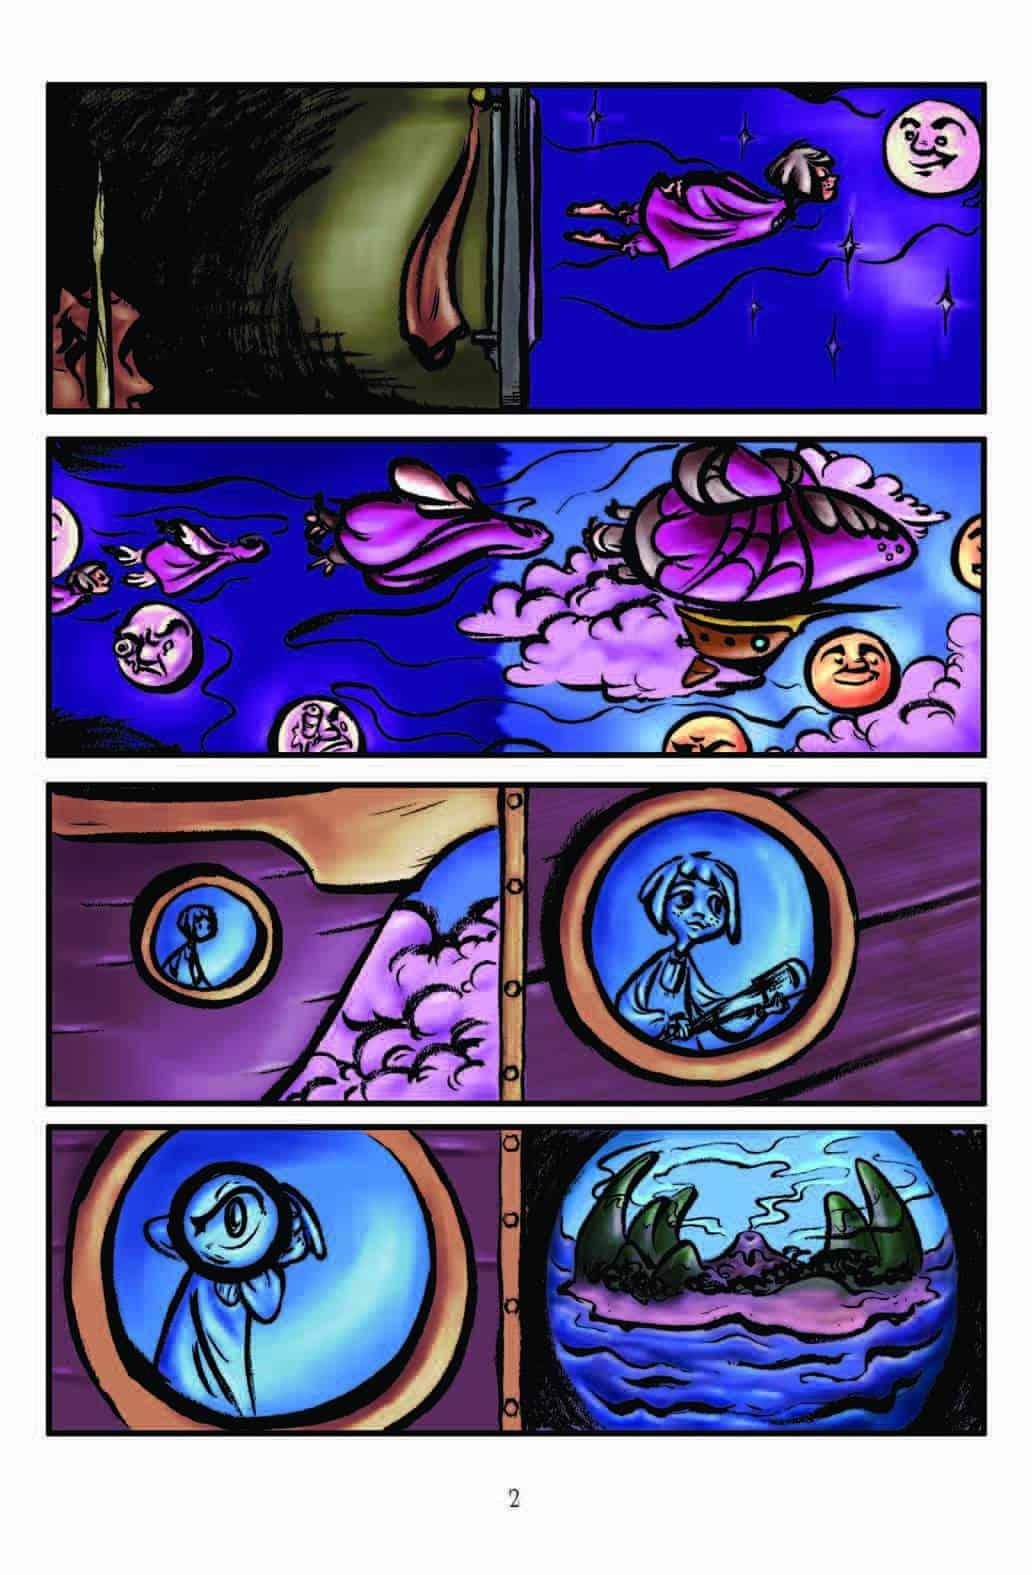 SteamPunk-Originals-Volume-2-image-02